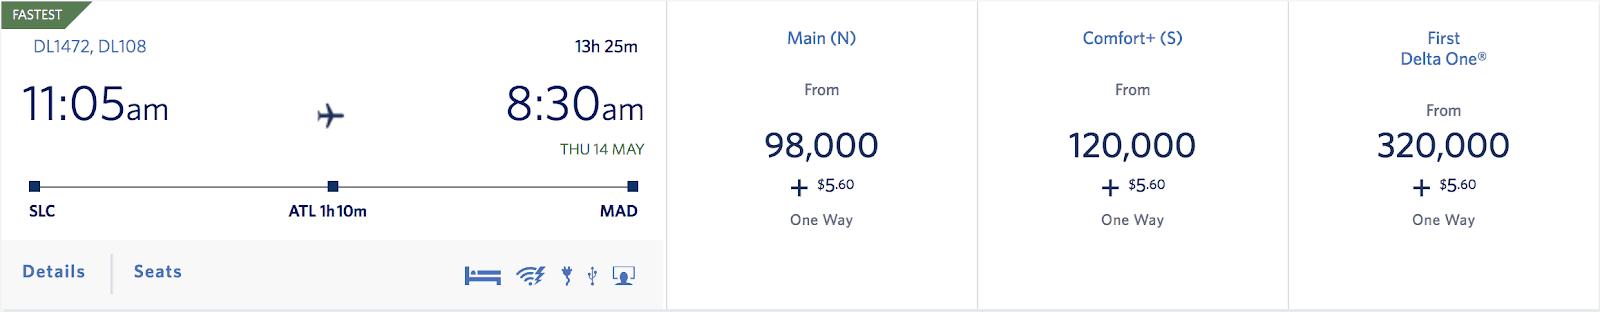 06. Delta crazy pricing